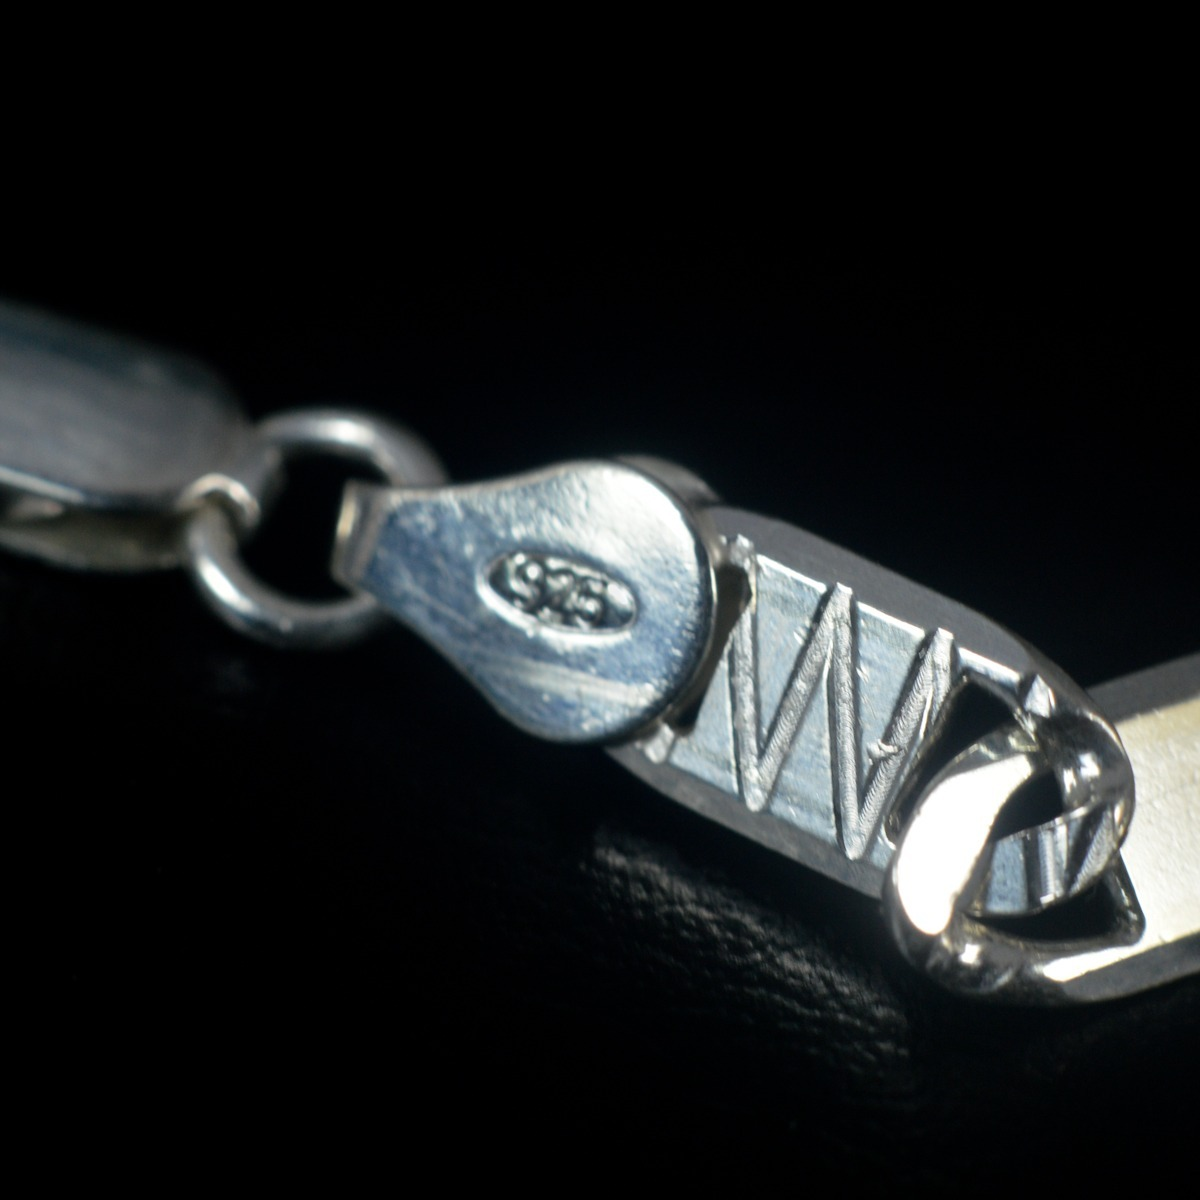 c7e67fd1e6b oferta cadena plata italiana 925 somos tienda física rf03. Cargando zoom.